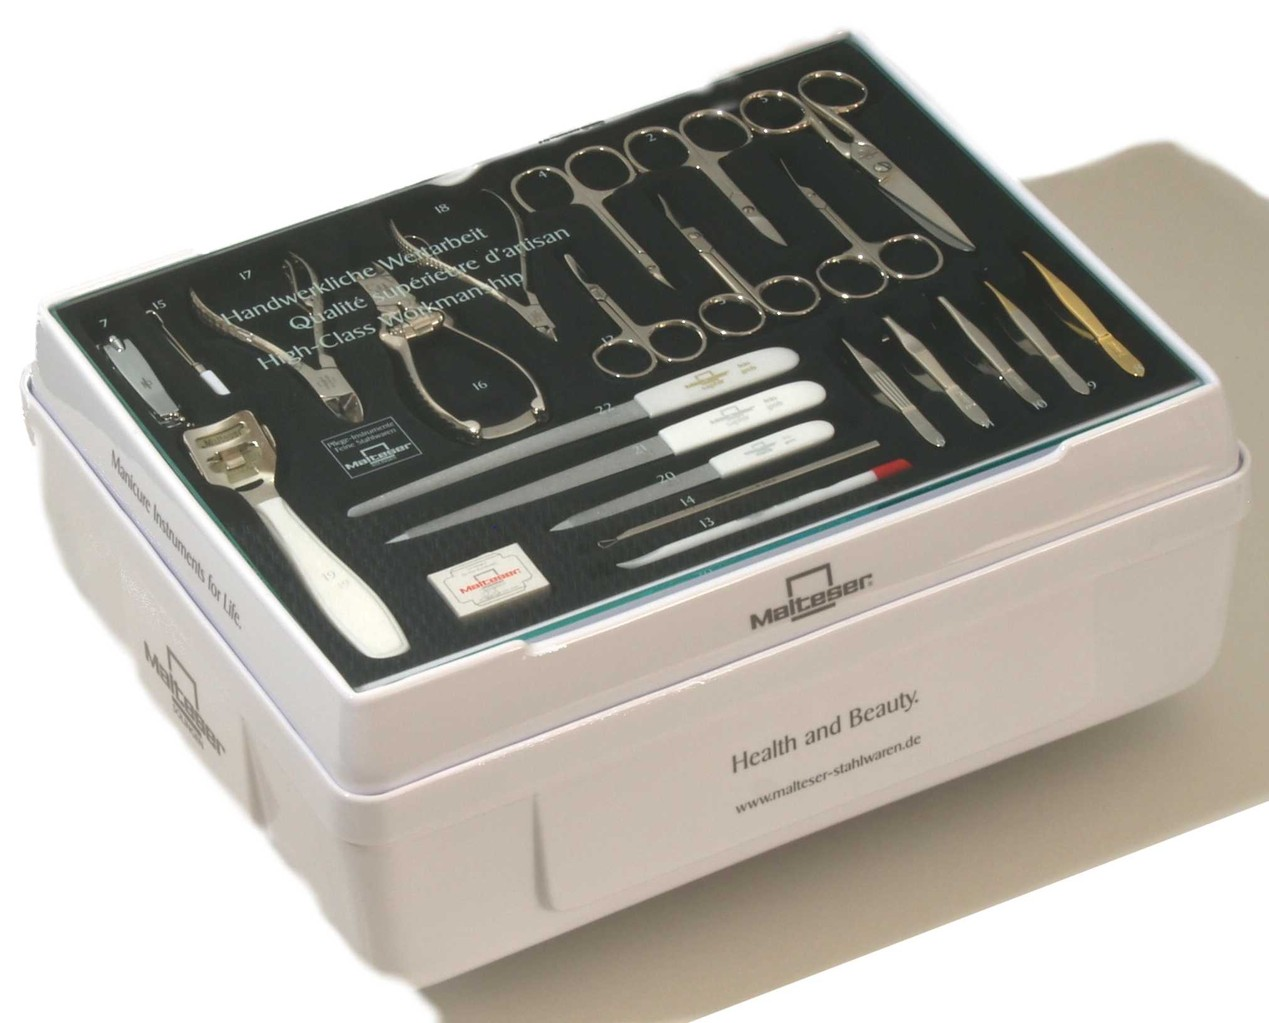 Malteser M 5023 Verkaufskassette mit Zahlteller/Tableau und 2 Lagerschubladen